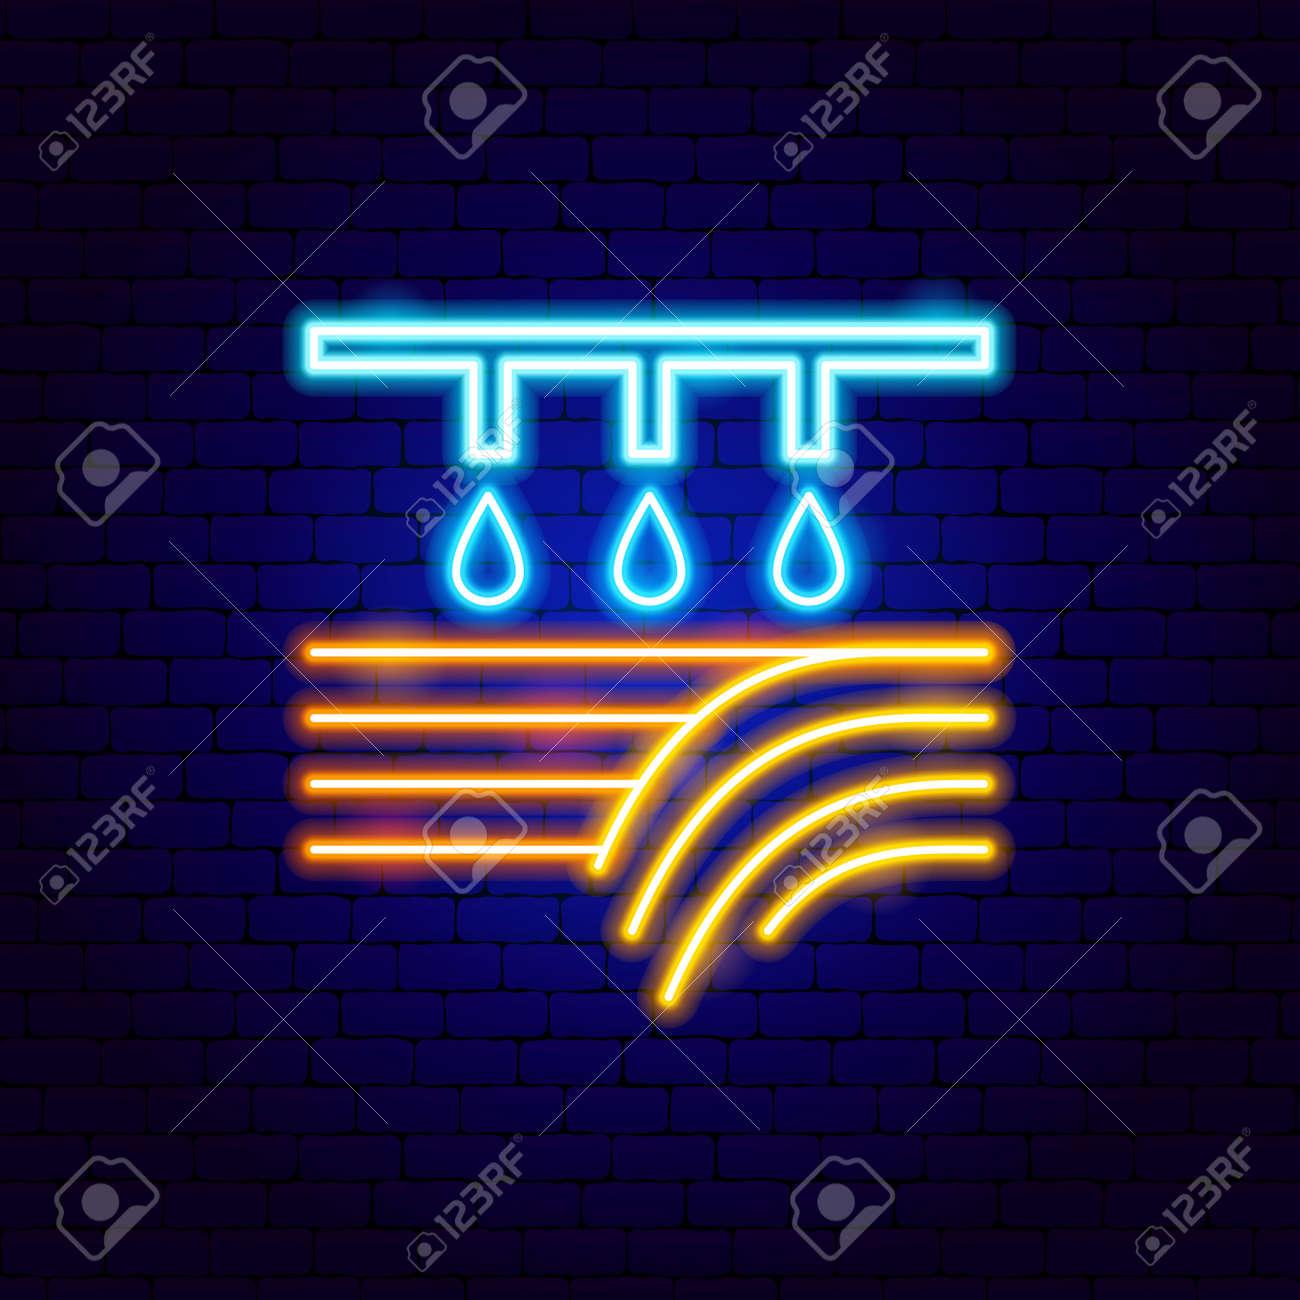 Field Watering Neon Label - 169264478